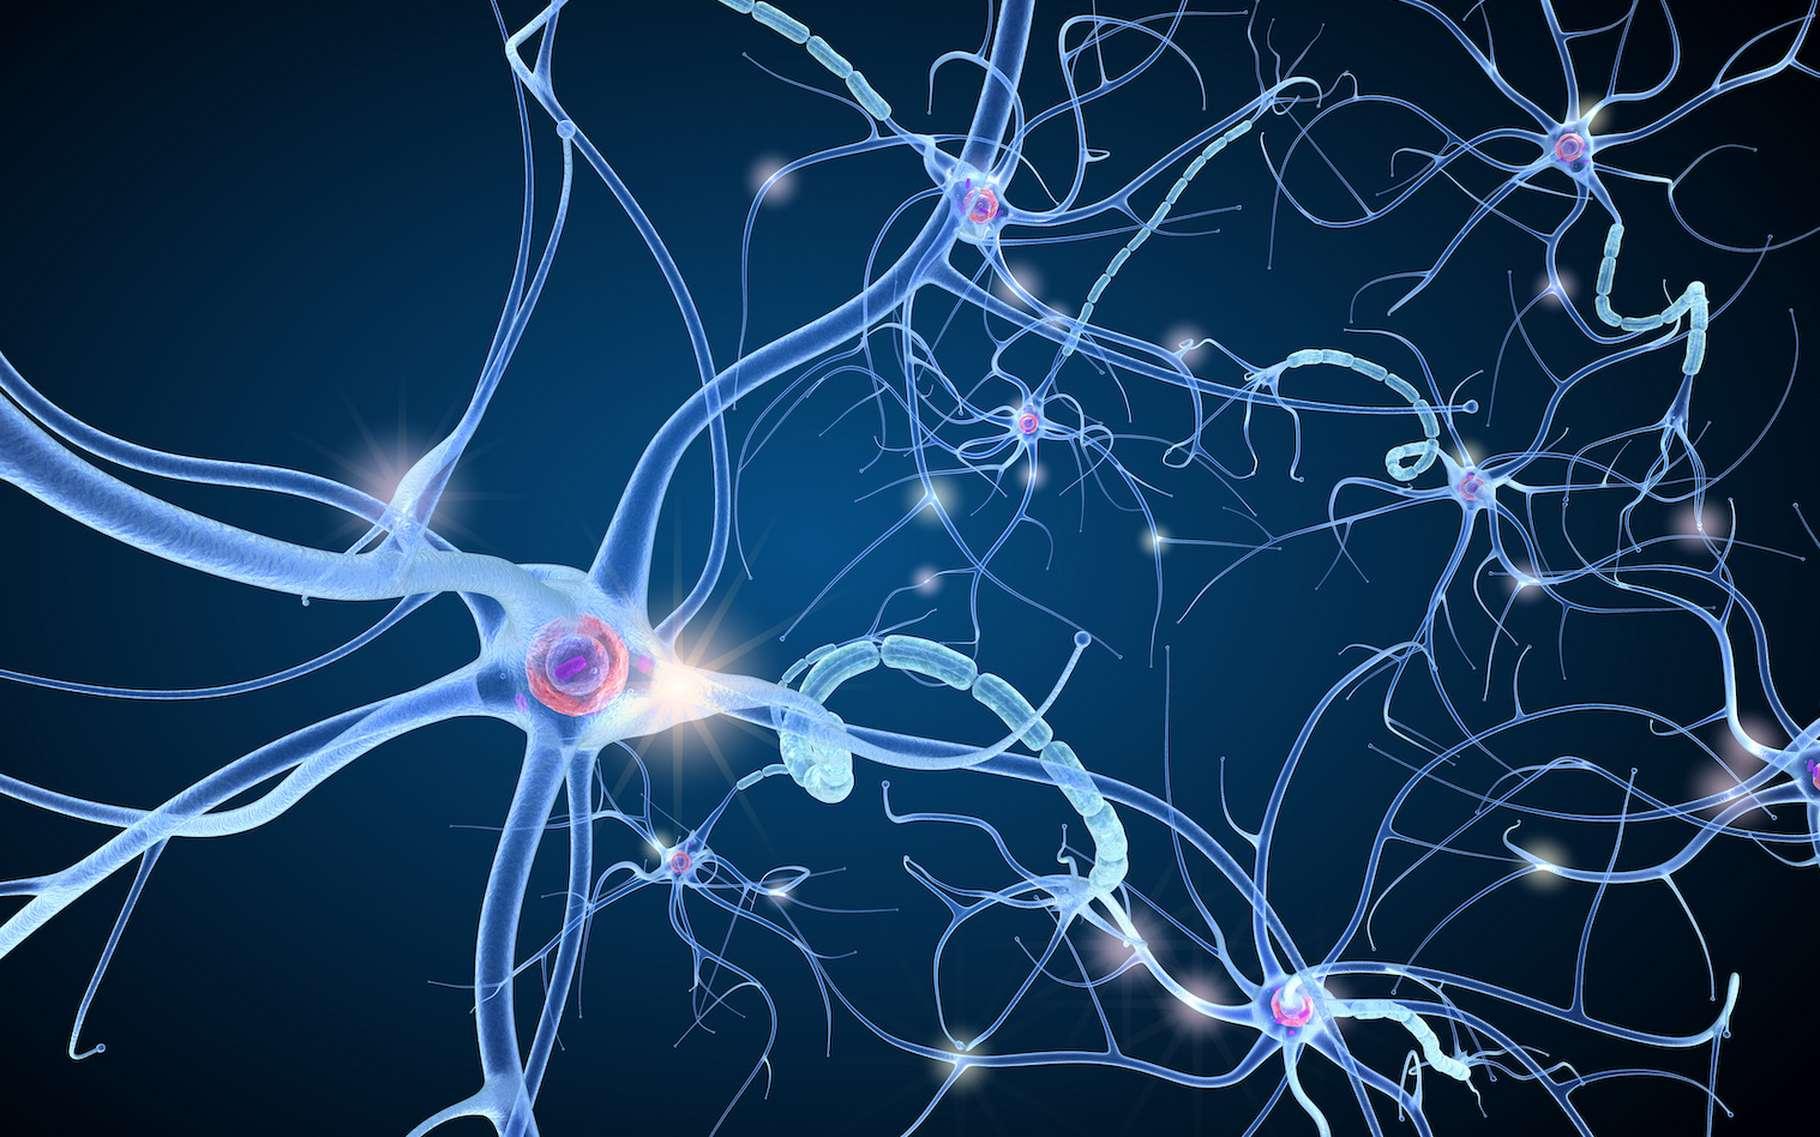 Les neurones sont autant de relais des messages nerveux qui circulent dans notre cerveau. Grâce à des neurones artificiels, comme ceux proposés par les chercheurs de l'université de Bath (Royaume-Uni), de toutes nouvelles perspectives thérapeutiques pourraient être envisagées. © Alexandr Mitiuc, Adobe Stock